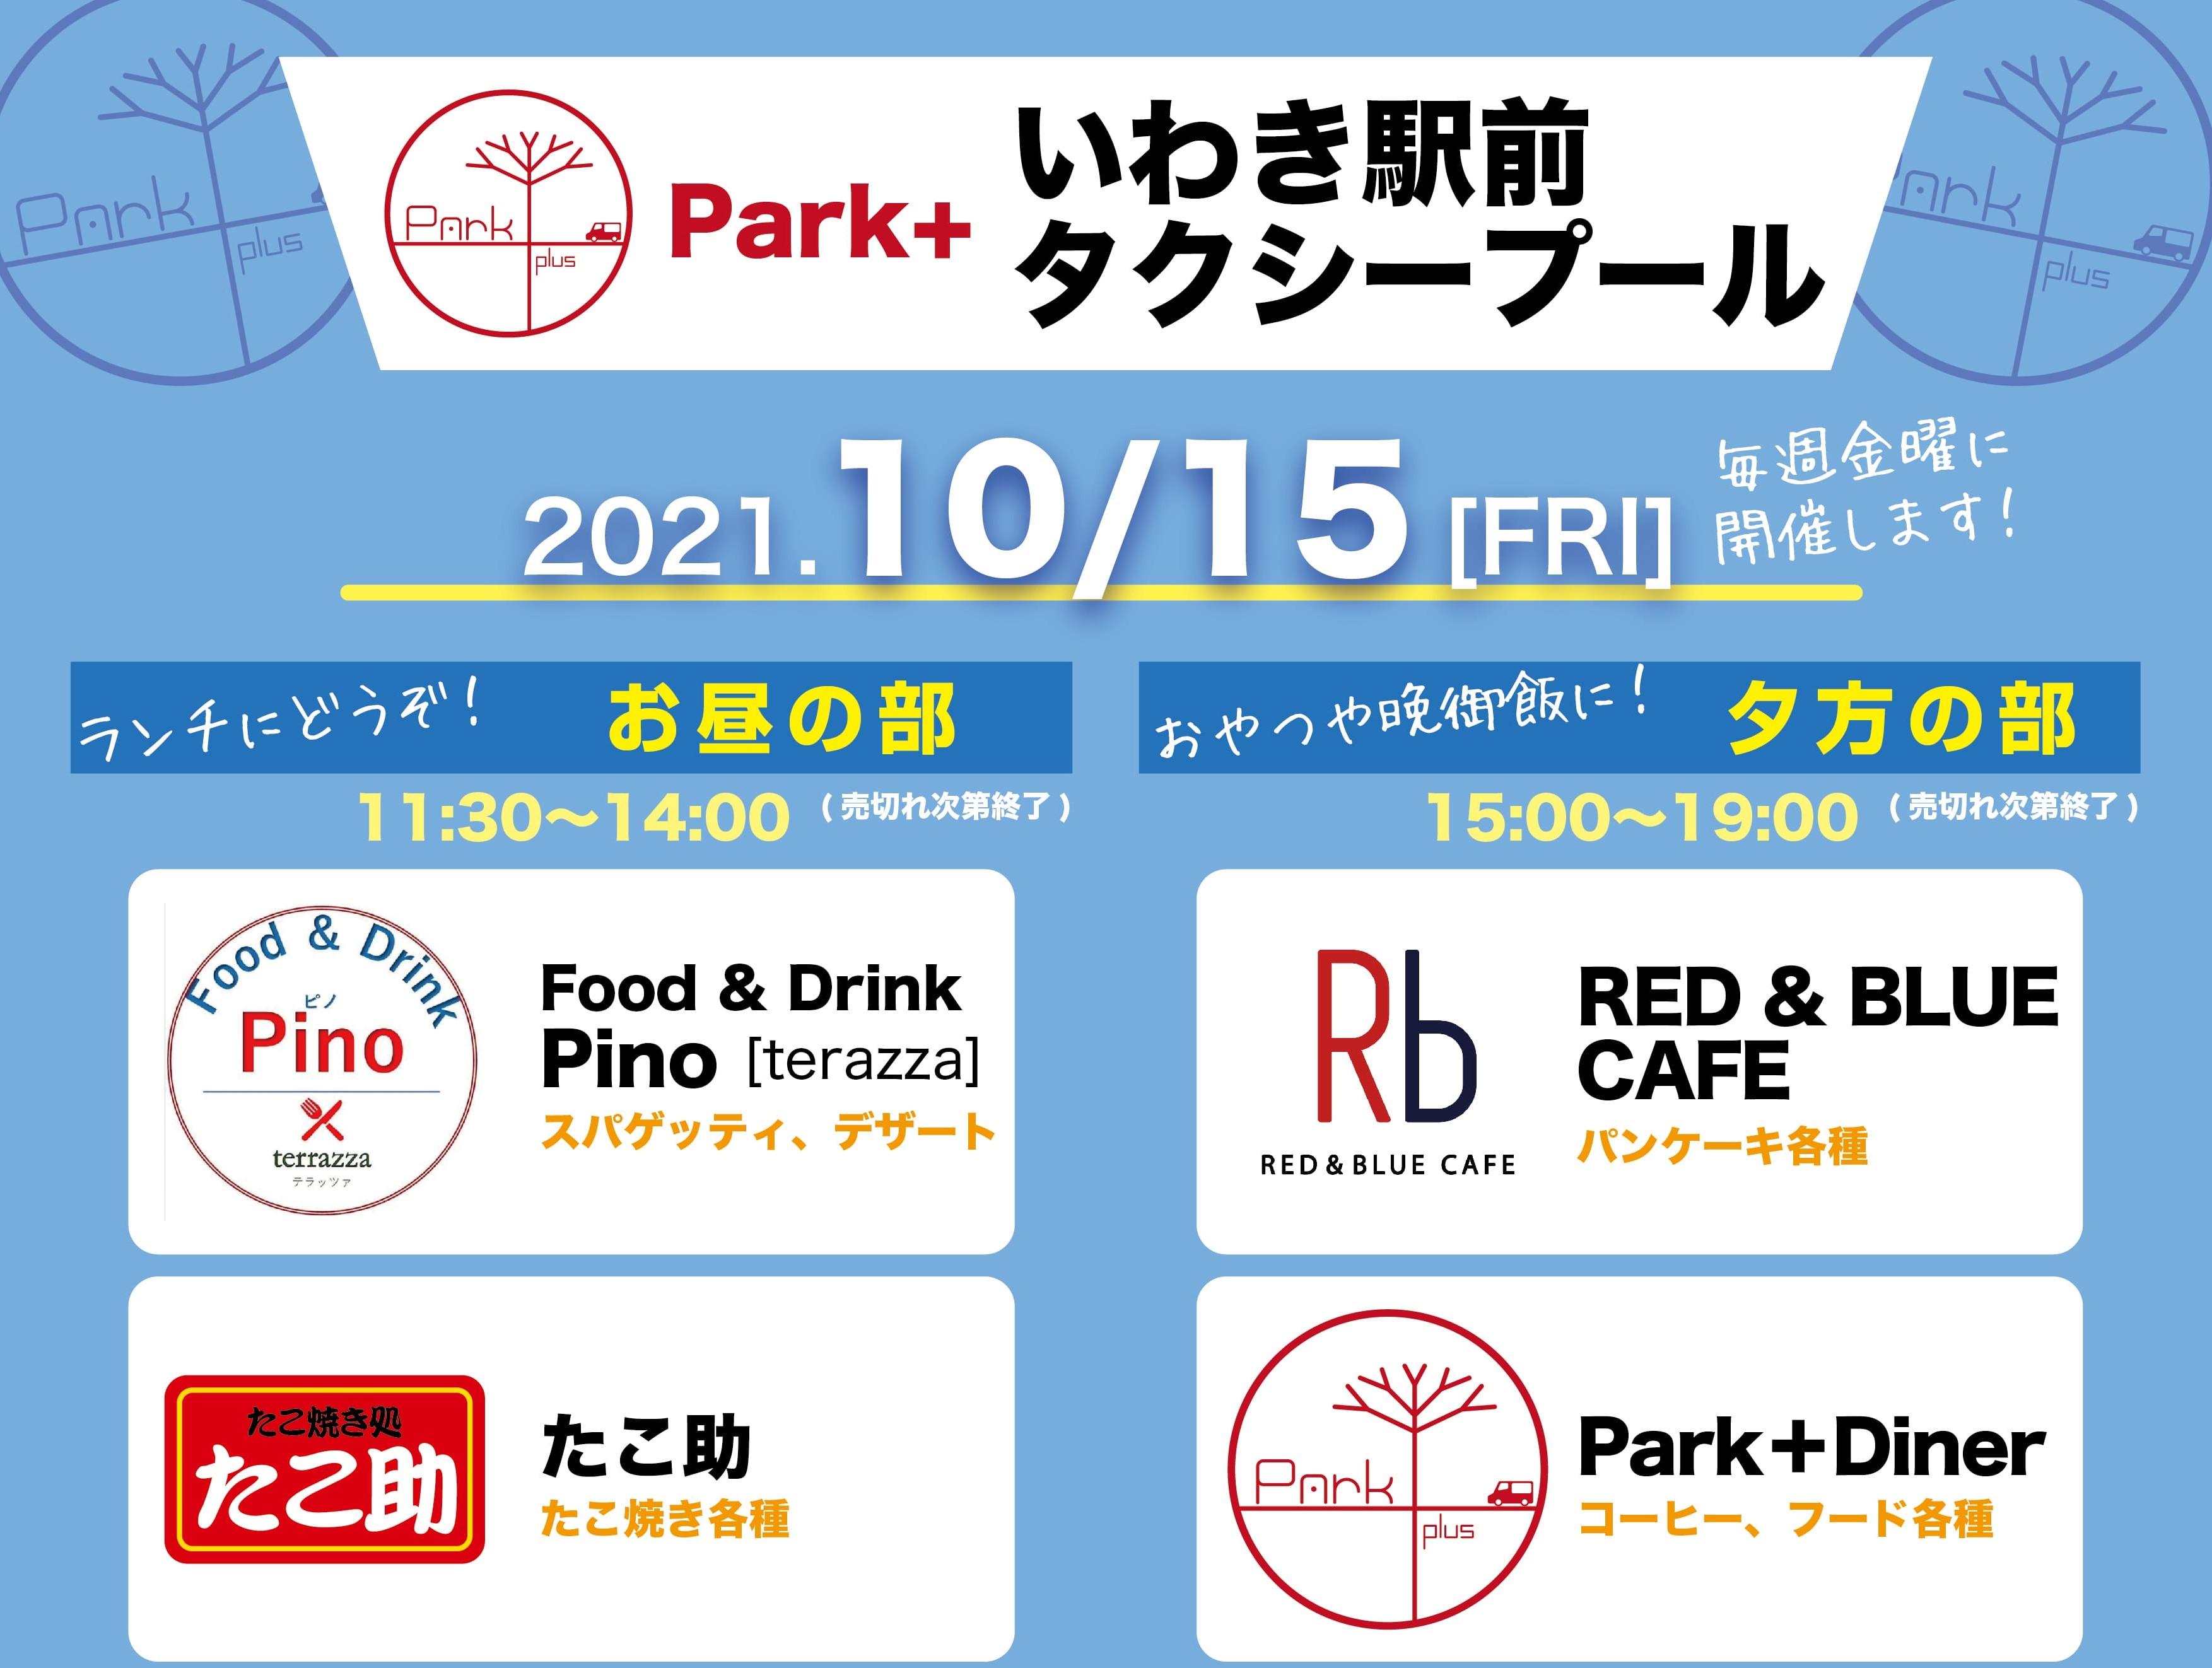 10/15(金)、パークプラス@いわき駅前タクシープールがスタートします!